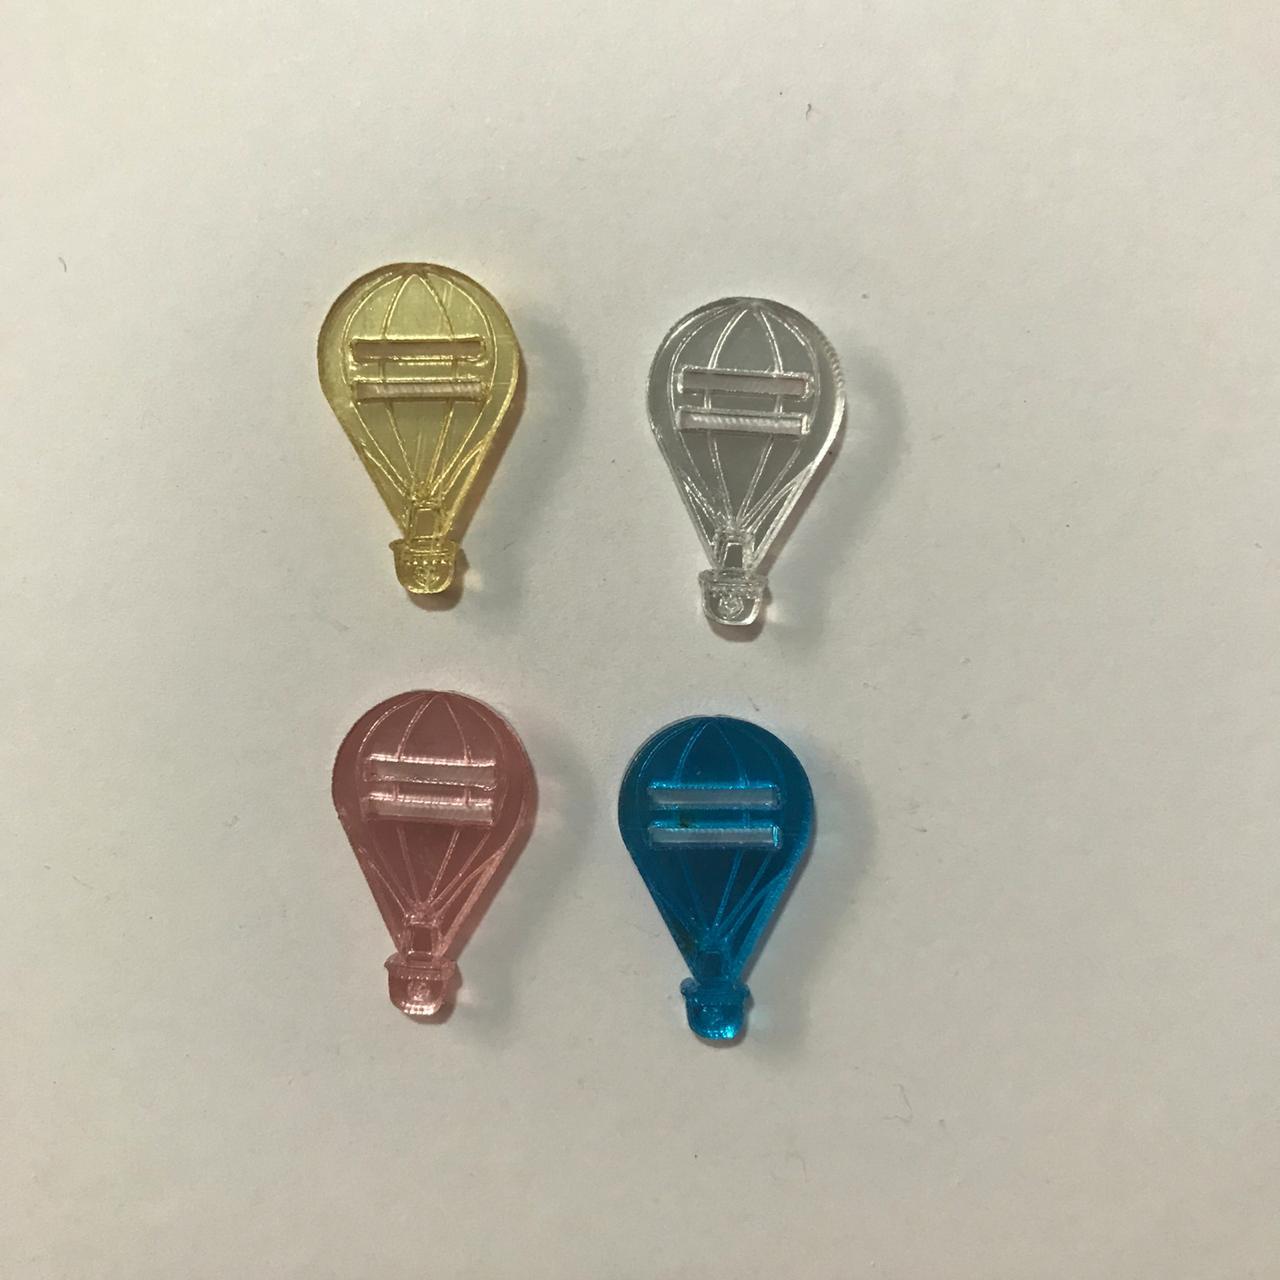 Passante para Elástico - Balão - 2cm (10 unidades)